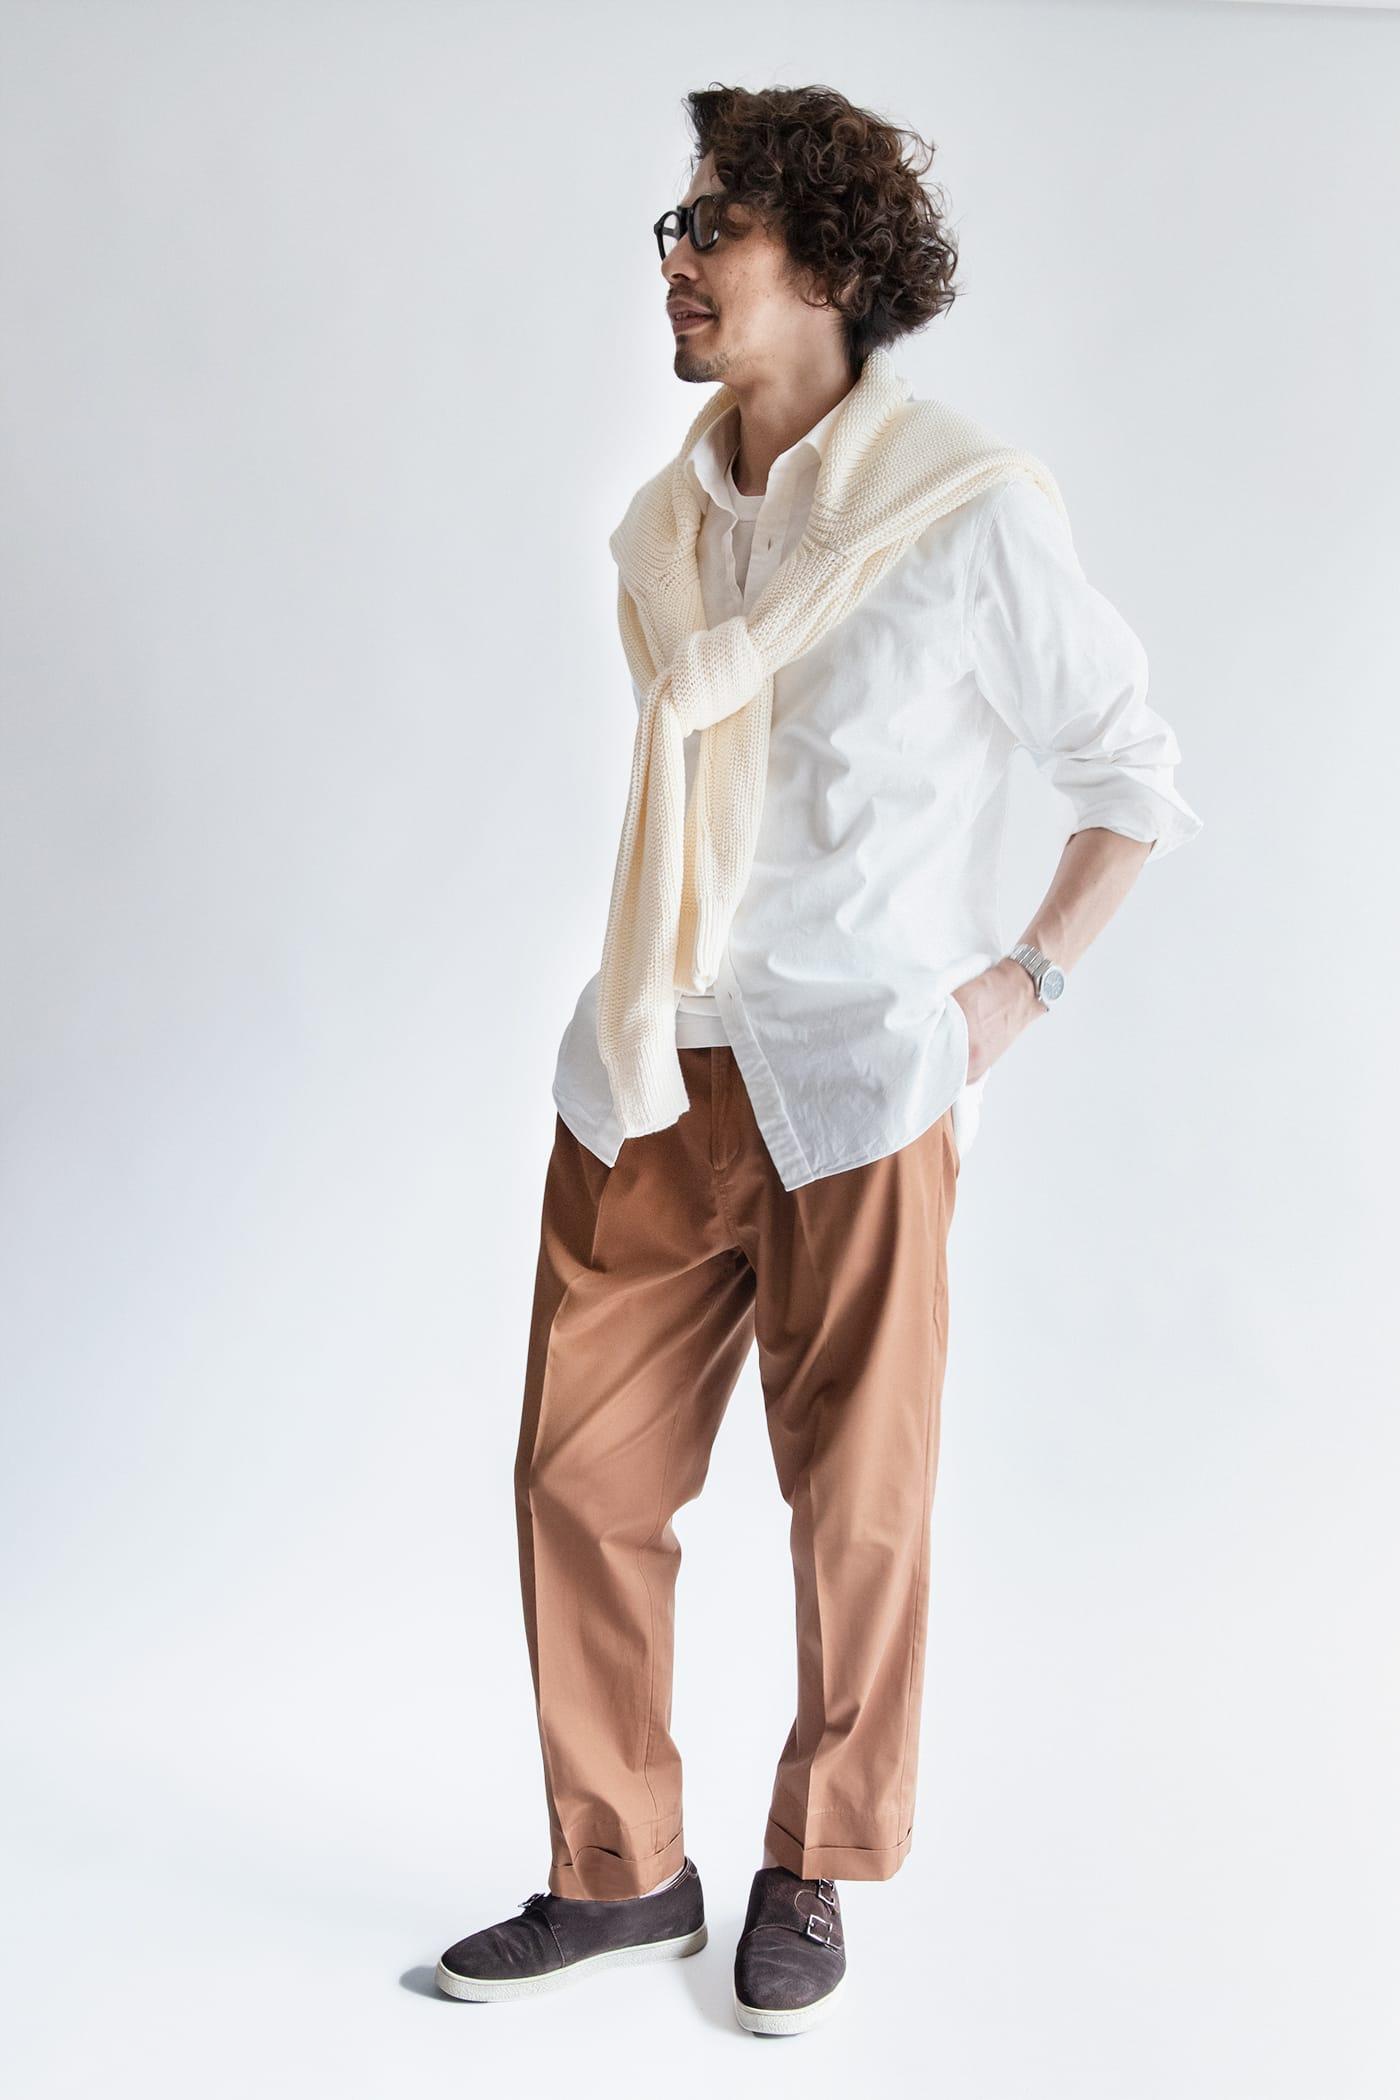 カジュアルシャツ「ブライトン」 スタイリスト四方氏 コーディネート オックスフォードシャツとはひと味違う表情も魅力